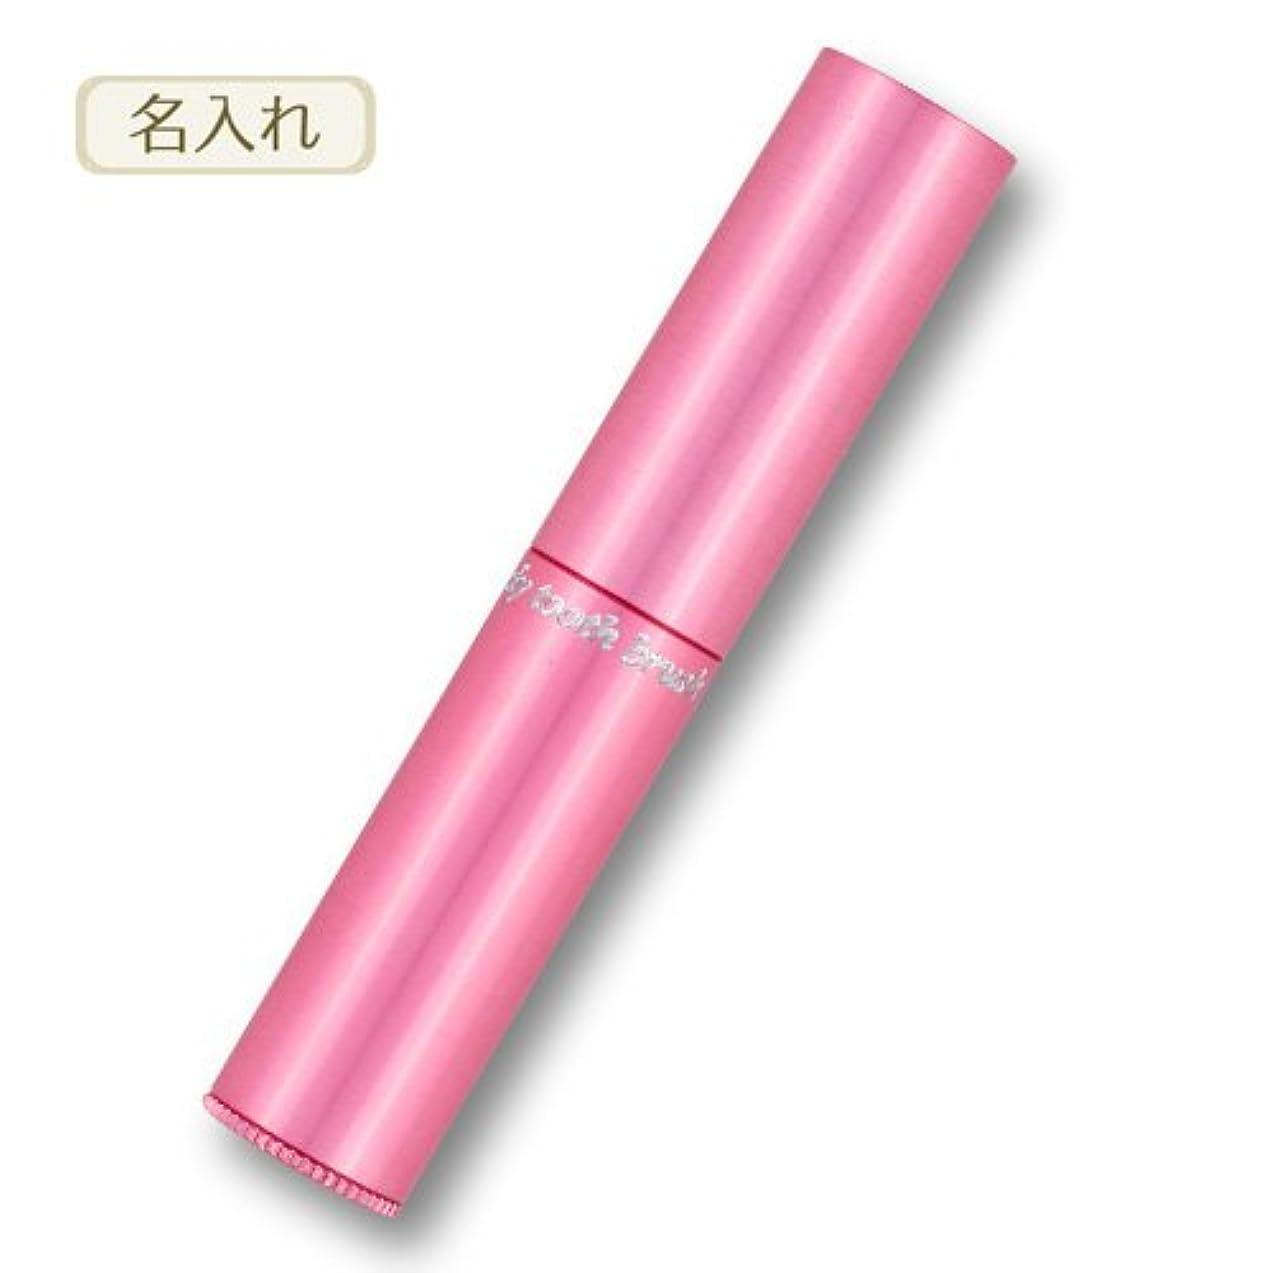 忘れられない体細胞外向き携帯歯ブラシ・タベタラmigaCO(ピンク・ネーム入り)